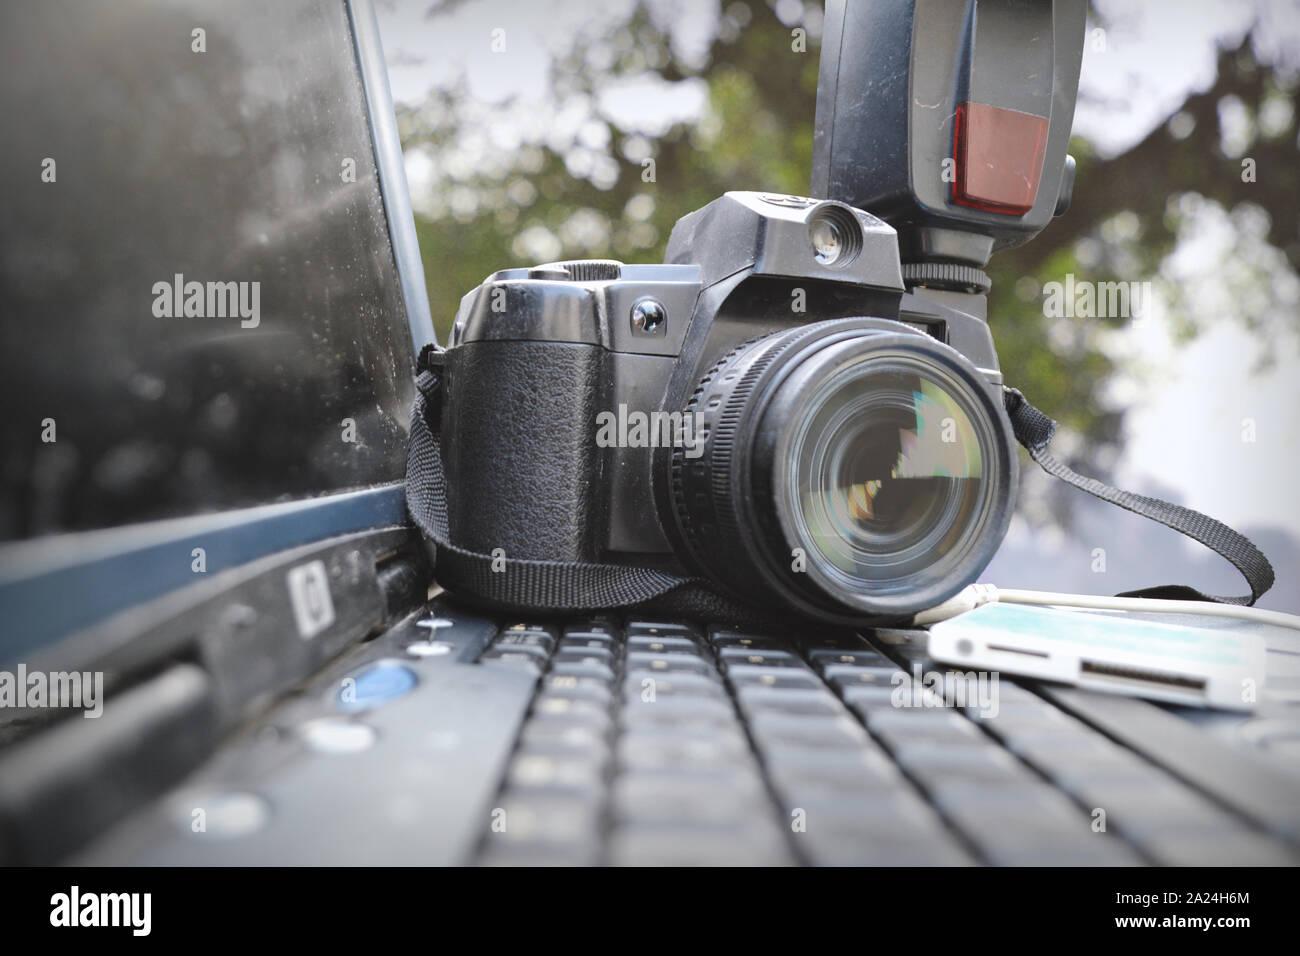 Alte DSLR-Kamera und Laptop HD Foto mit Bokeh Natur Hintergrund  Stockfotografie - Alamy